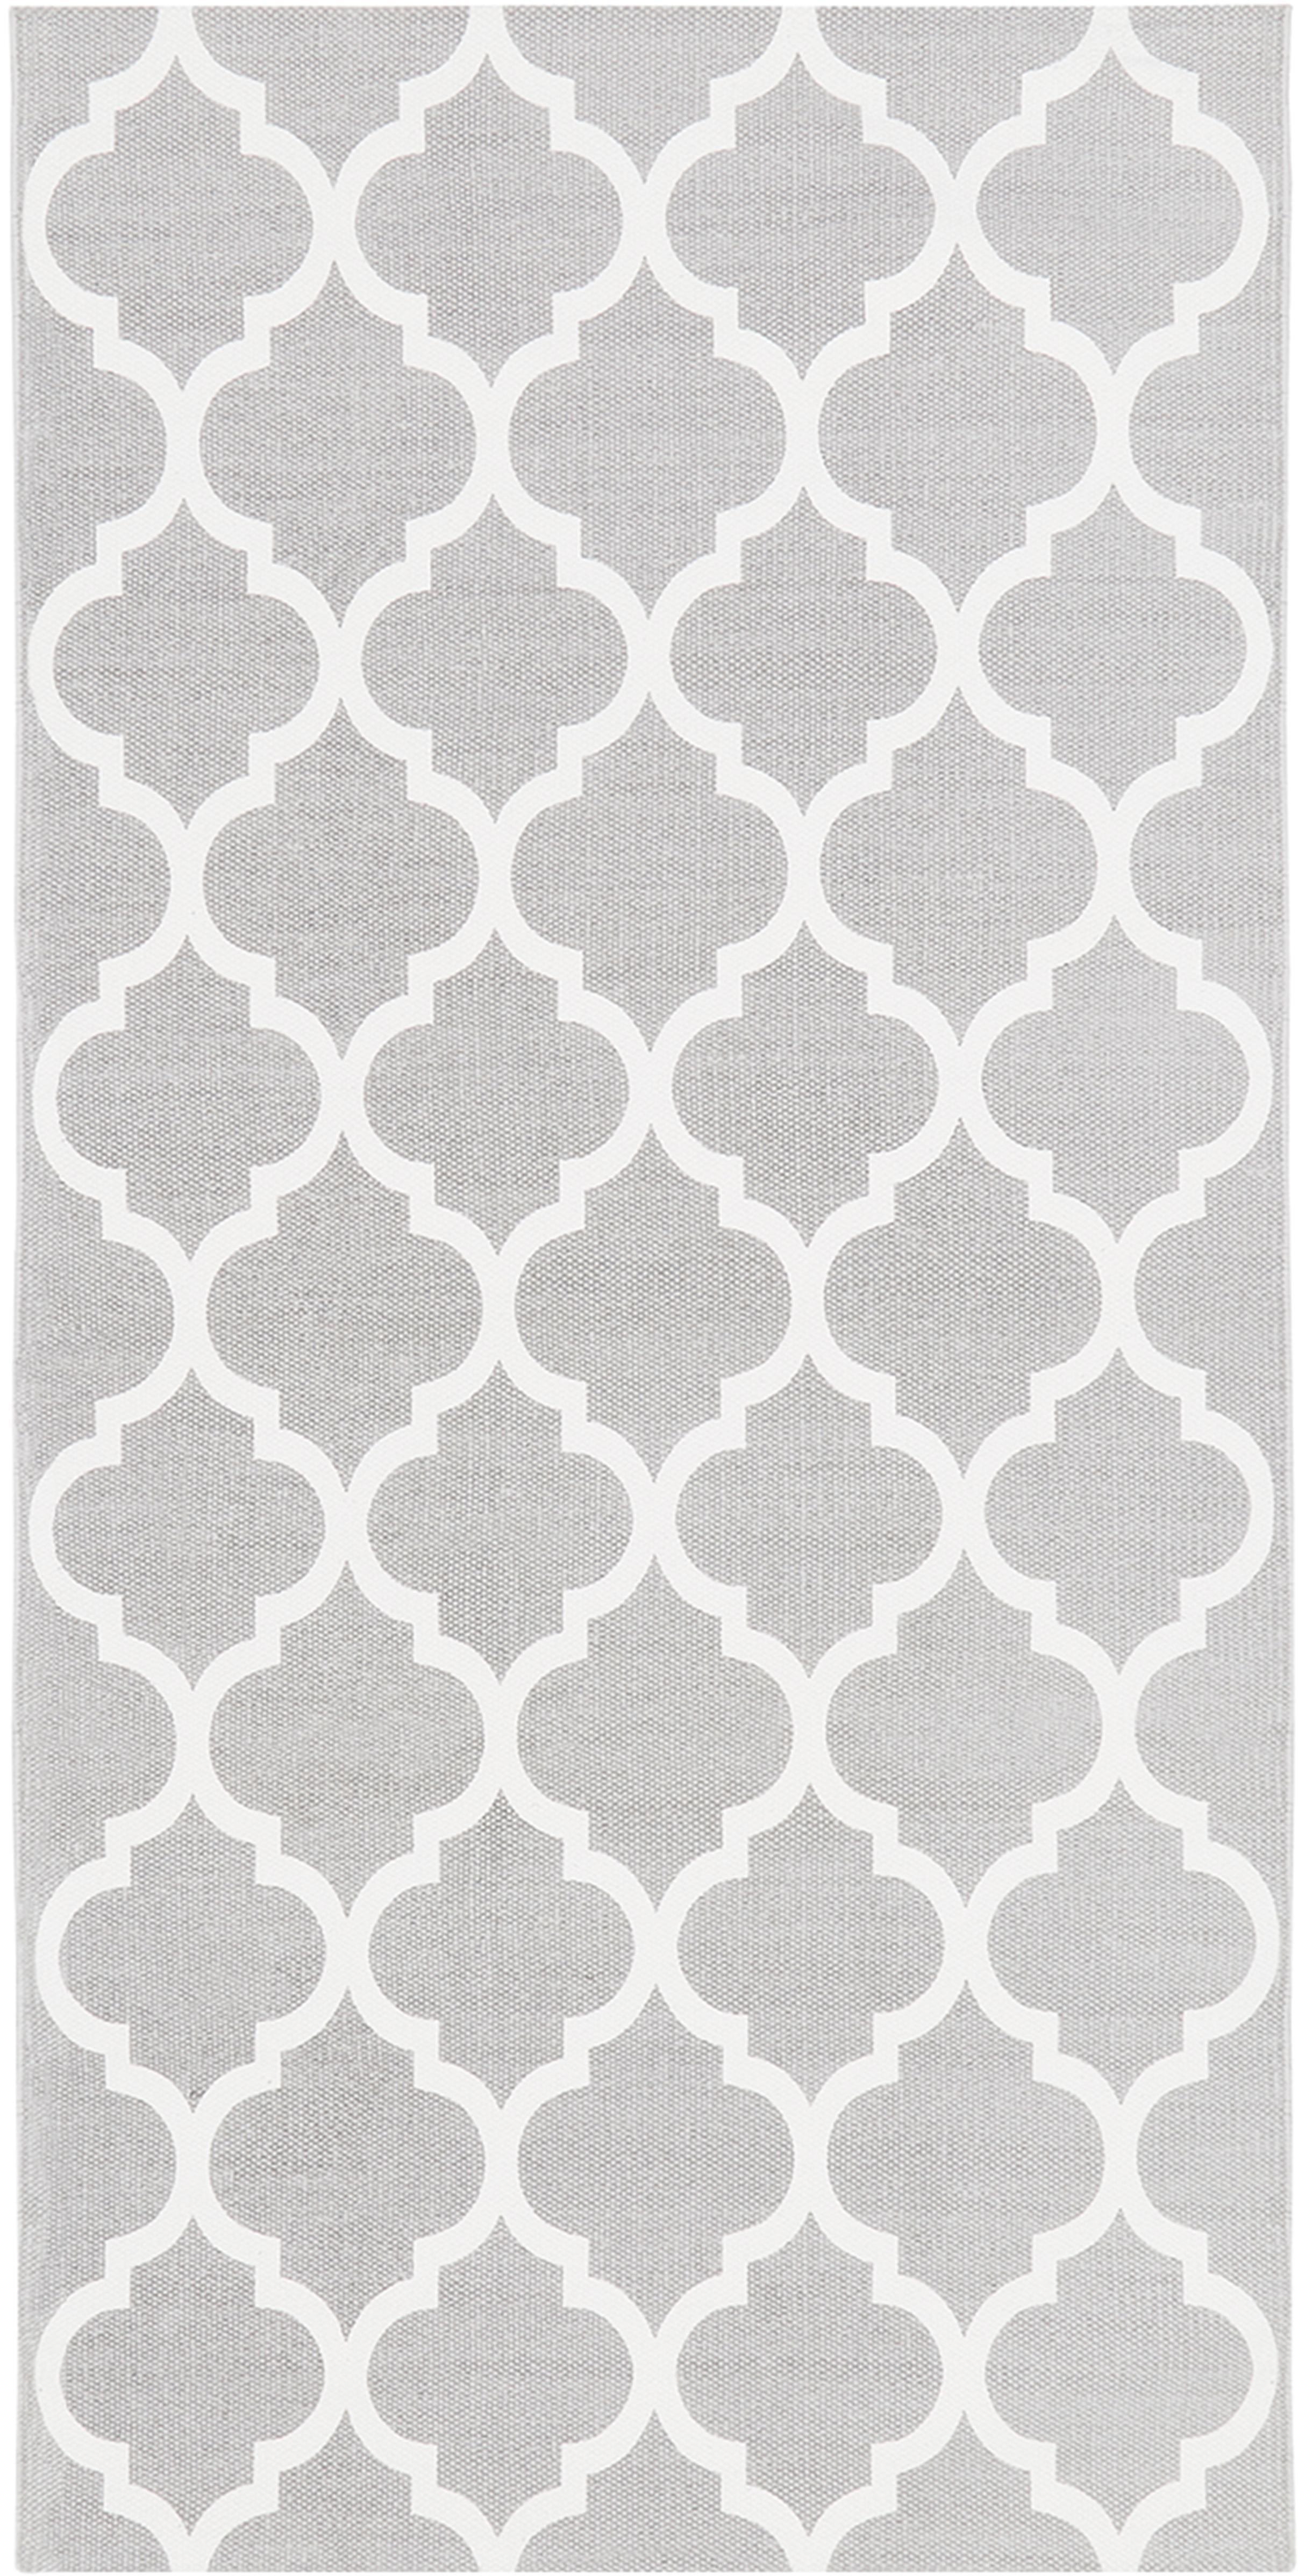 Flachgewebter Baumwollteppich Amira in Grau/Weiß, 100% Baumwolle, Hellgrau, Cremeweiß, B 70 x L 140 cm (Größe XS)